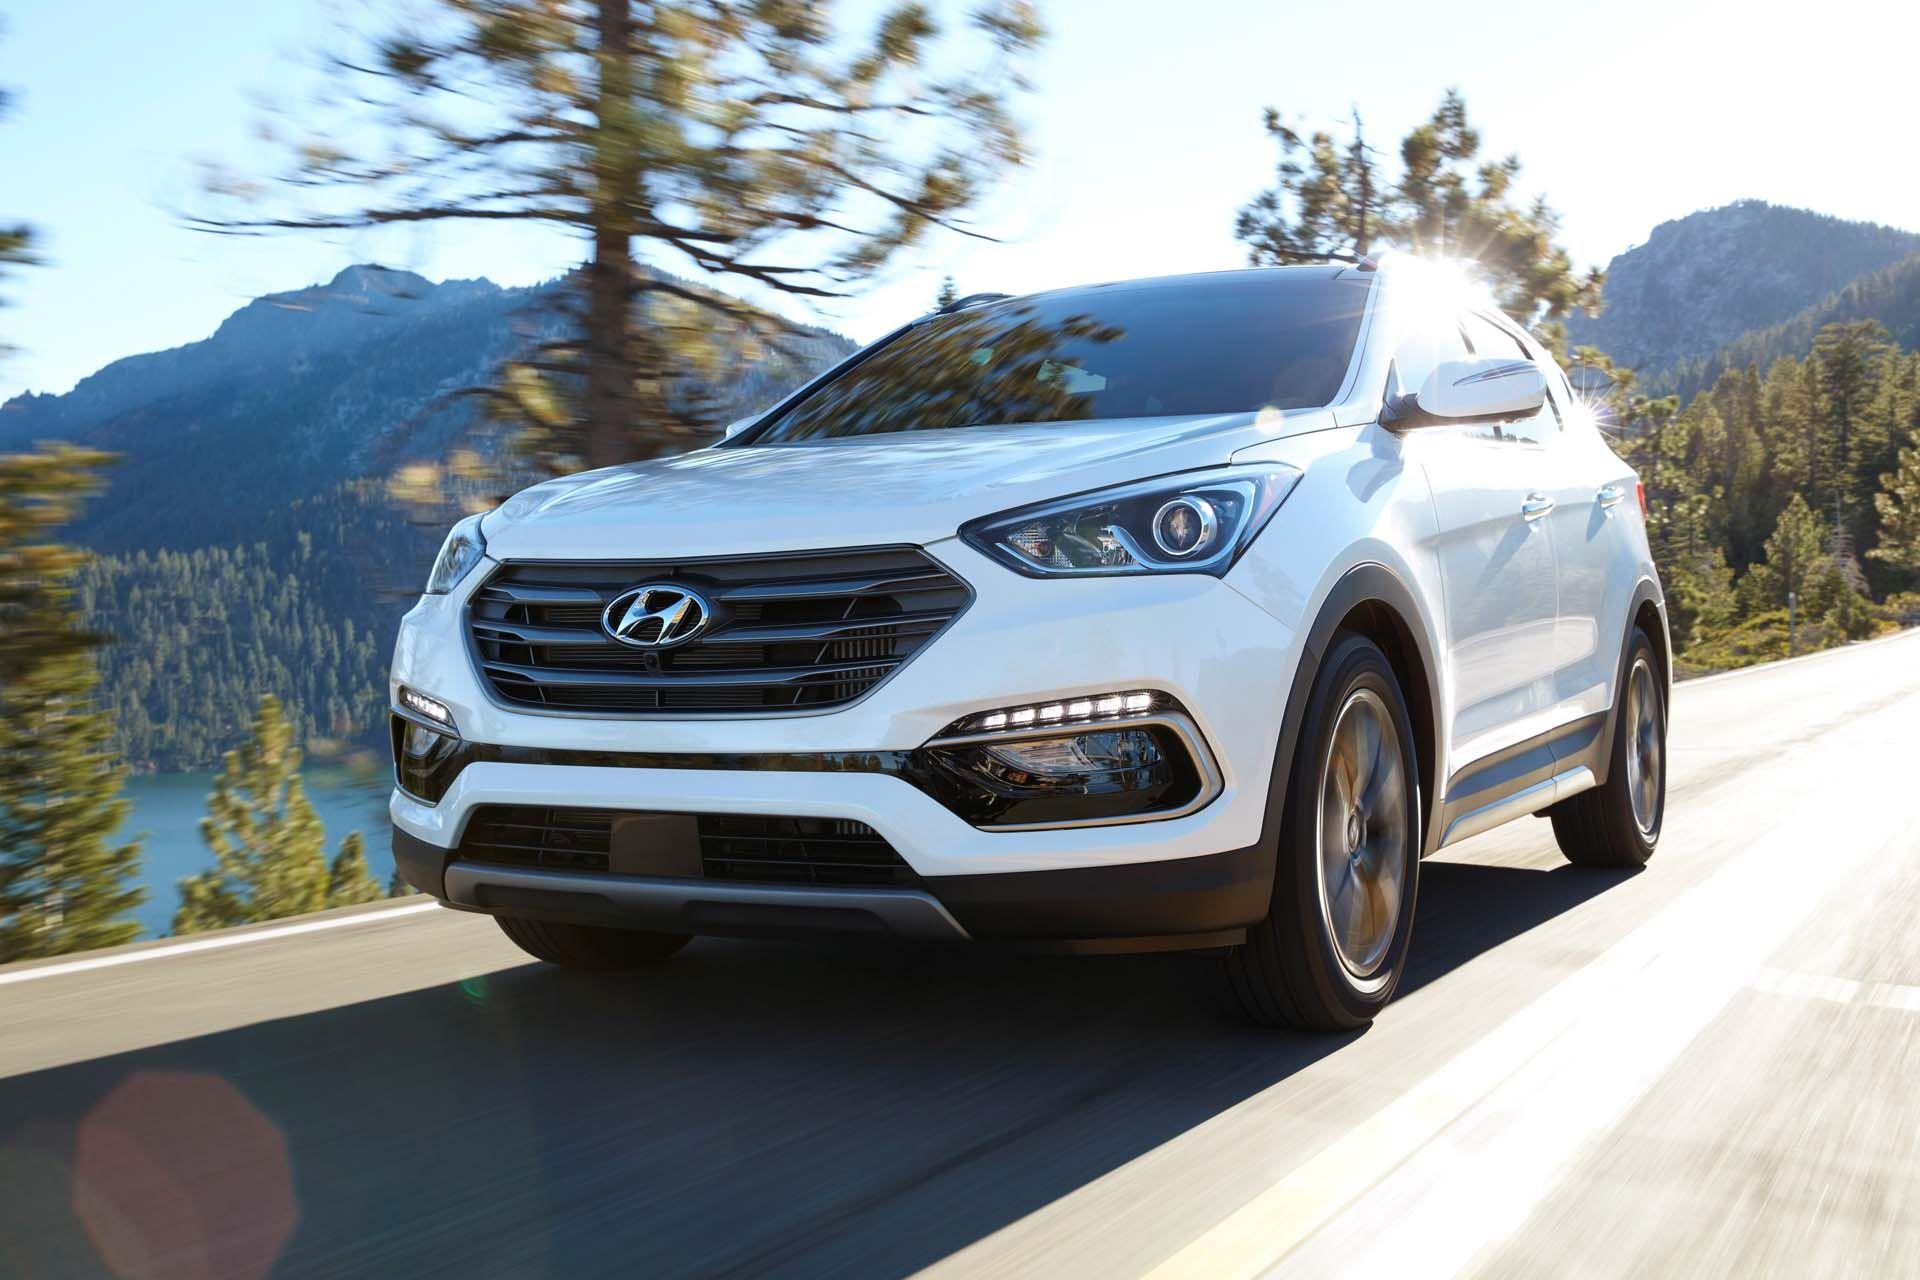 2017 Hyundai Santa Fe Sport Review, Ratings, Specs, Prices